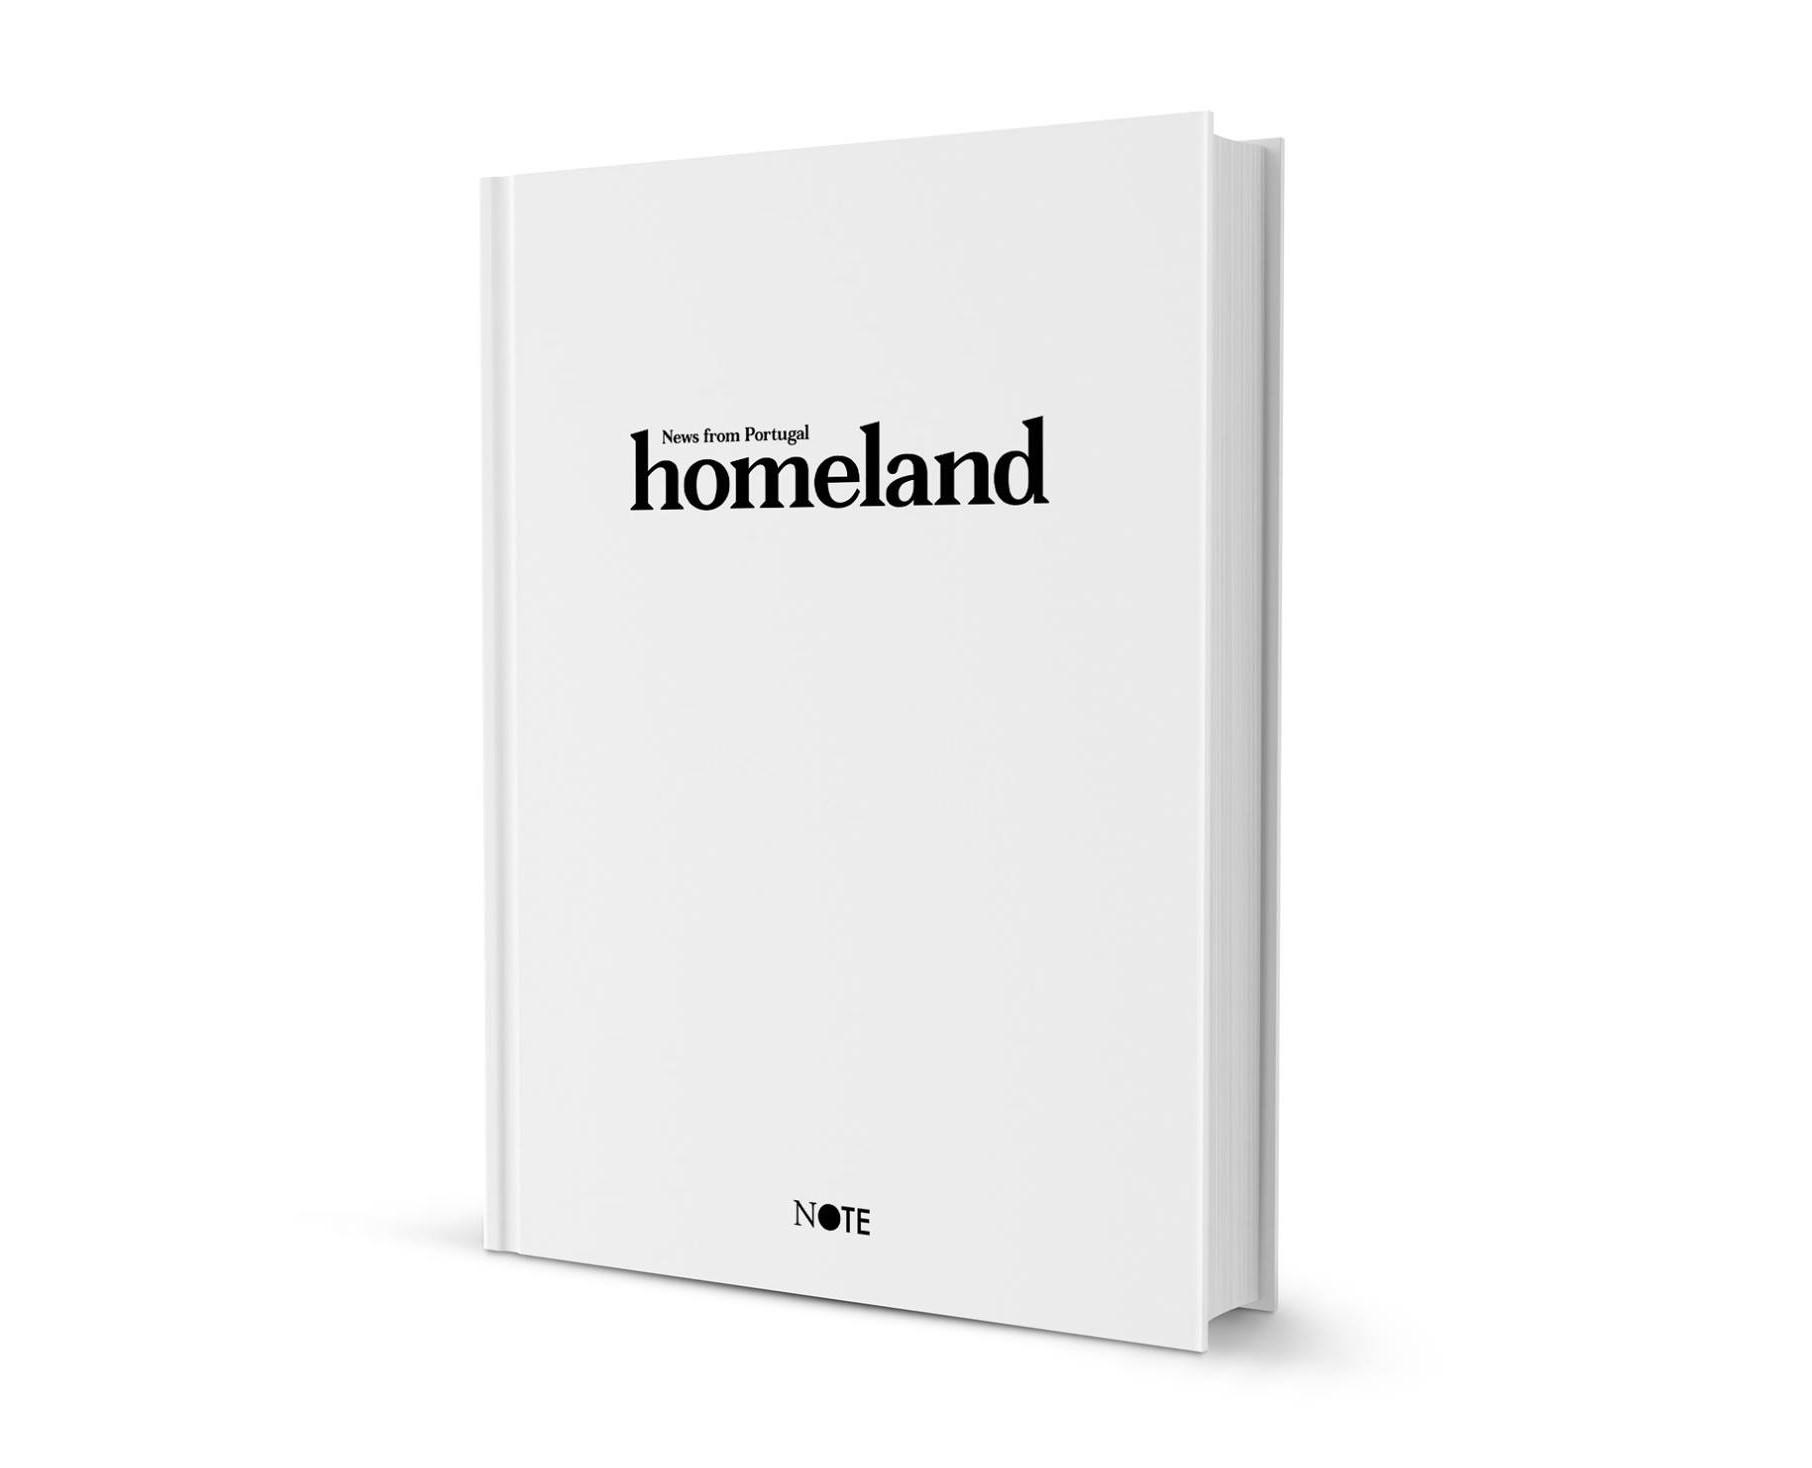 Publicação: Homeland, News From Portugal, Arquivo 2014, Cortesia de NOTE